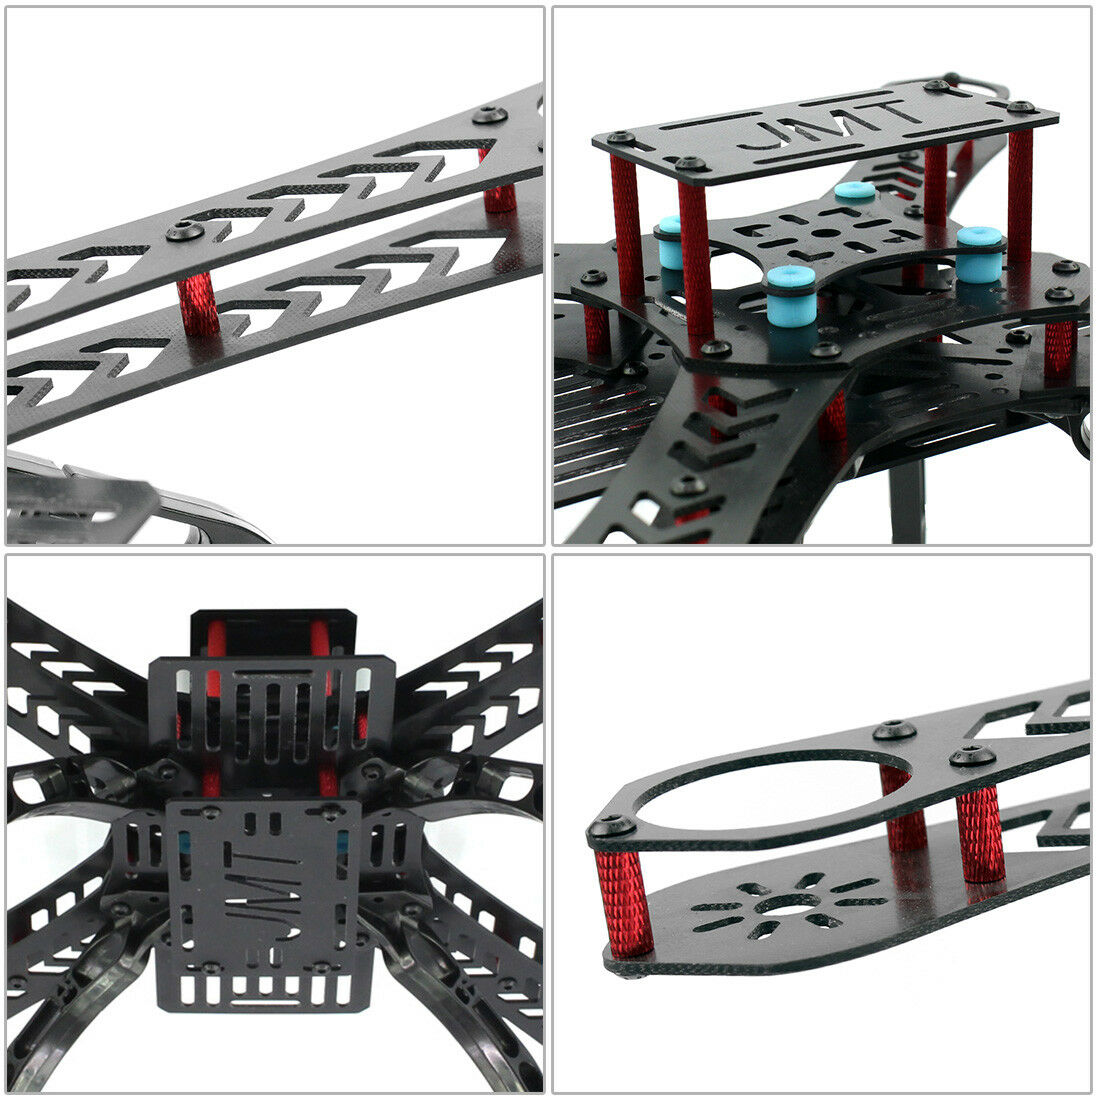 QQ Super Multi-rossoore Volo controllo DIY 310mm vetroresina RC RACING Drone